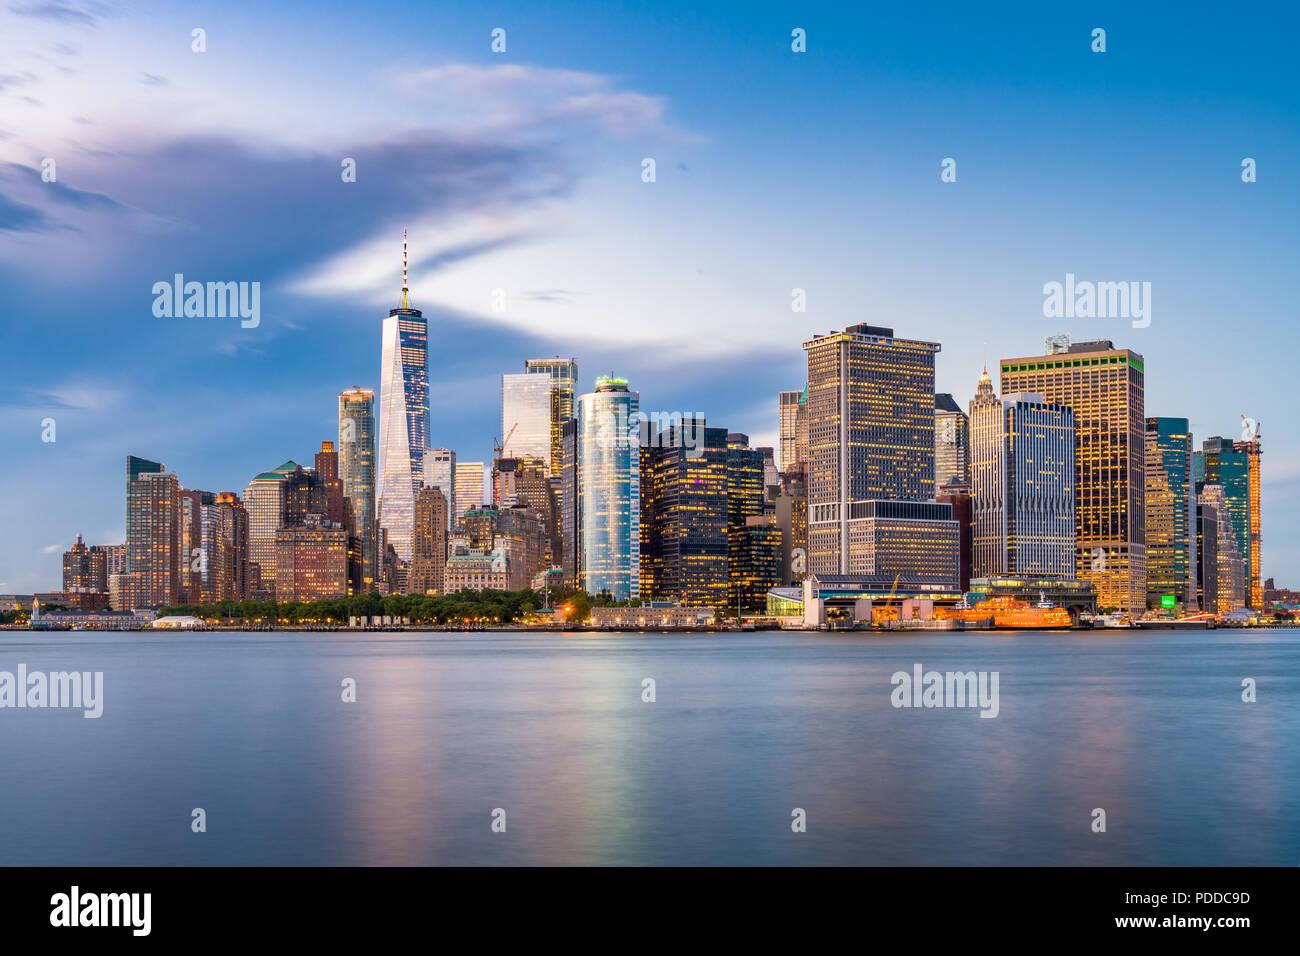 New York, New York, USA la parte inferiore di Manhattan Financial District skyline della città da tutto il porto di New York al crepuscolo. Immagini Stock